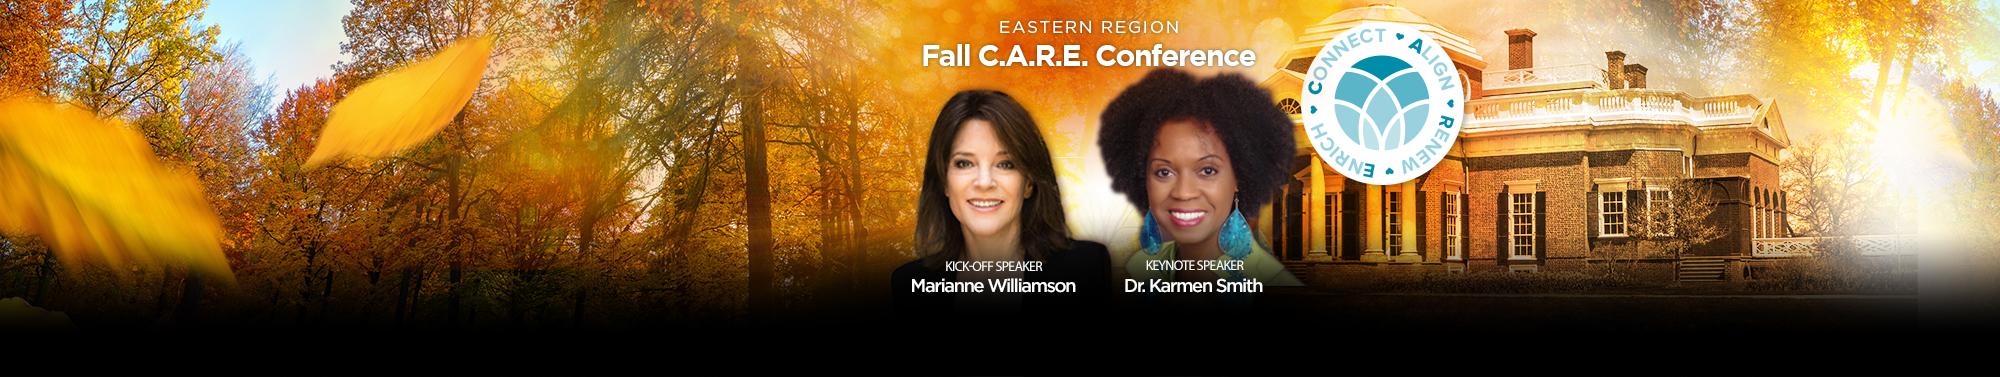 2018 Fall C.A.R.E. Conference